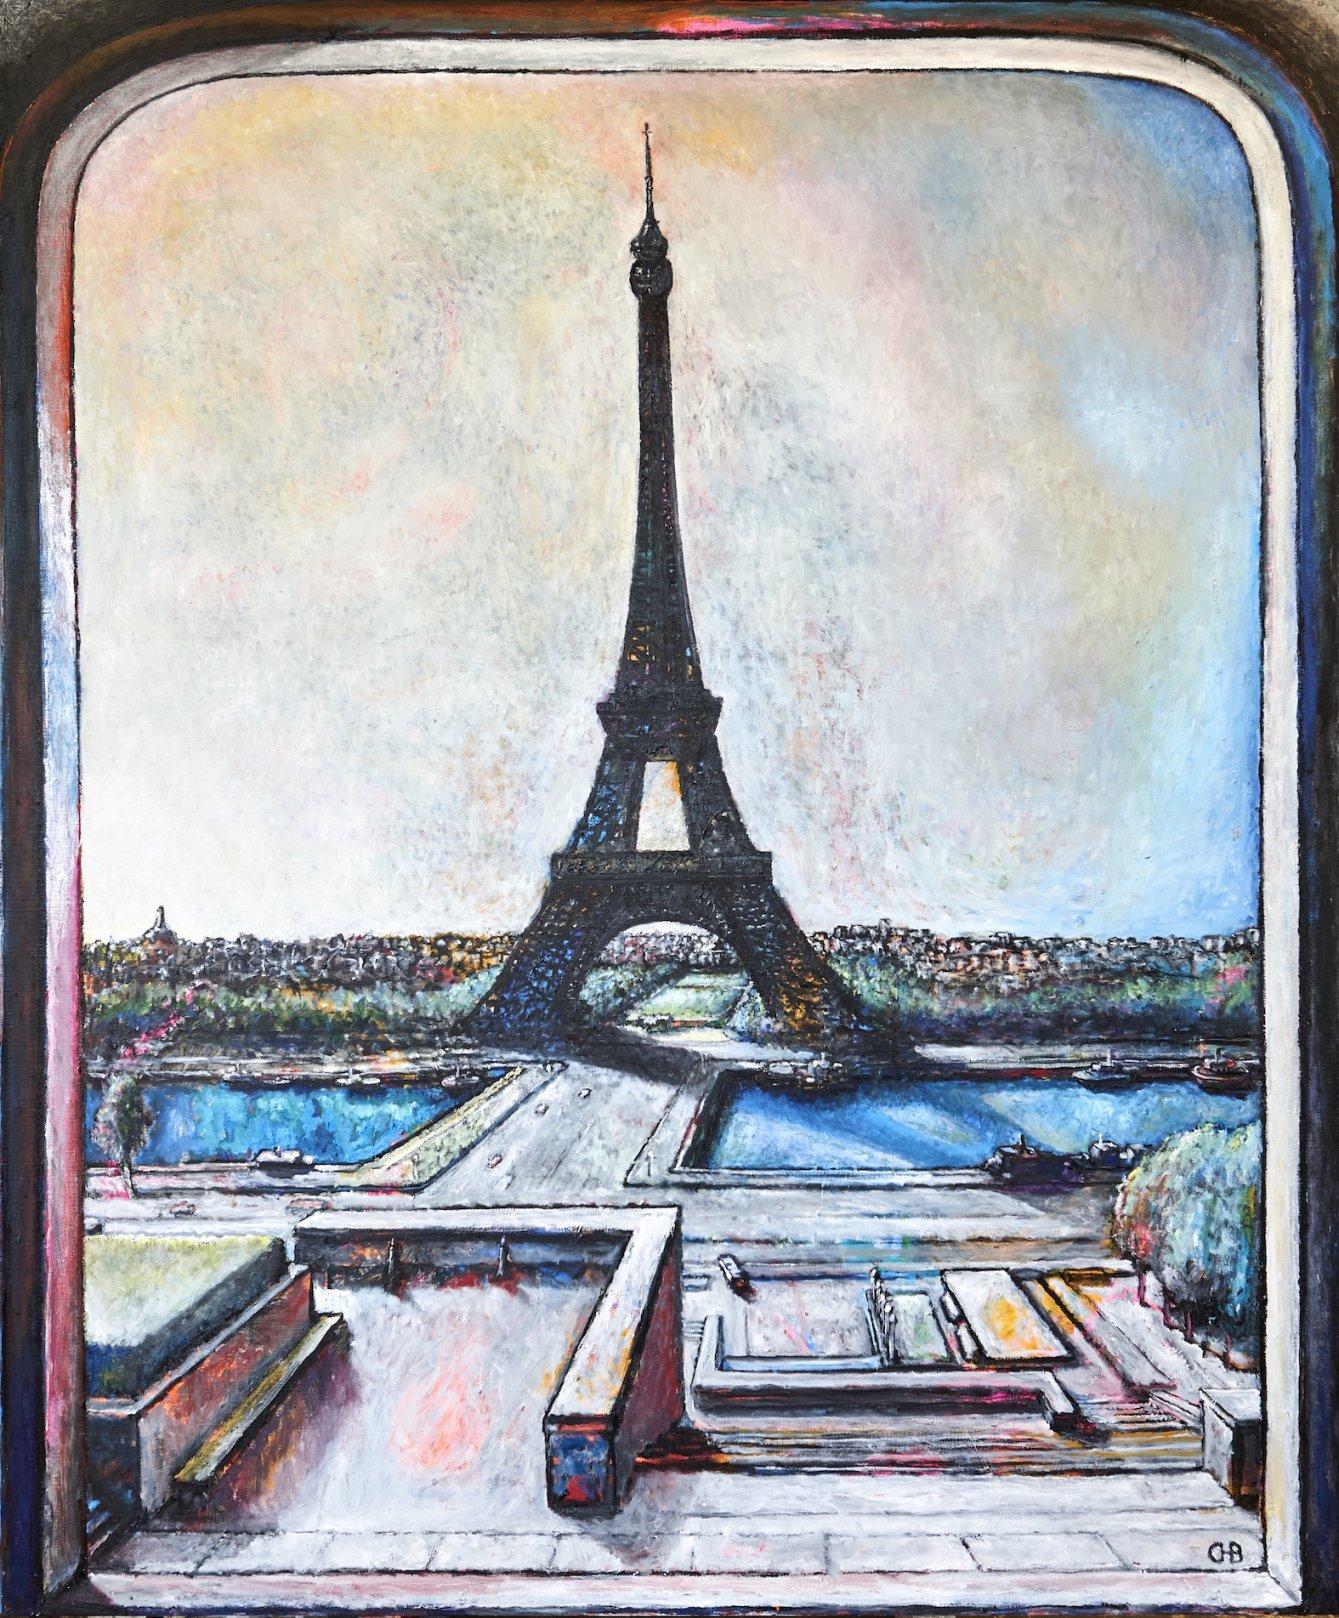 Homenaje a París I, La torre Eiffel desde el Trocadero